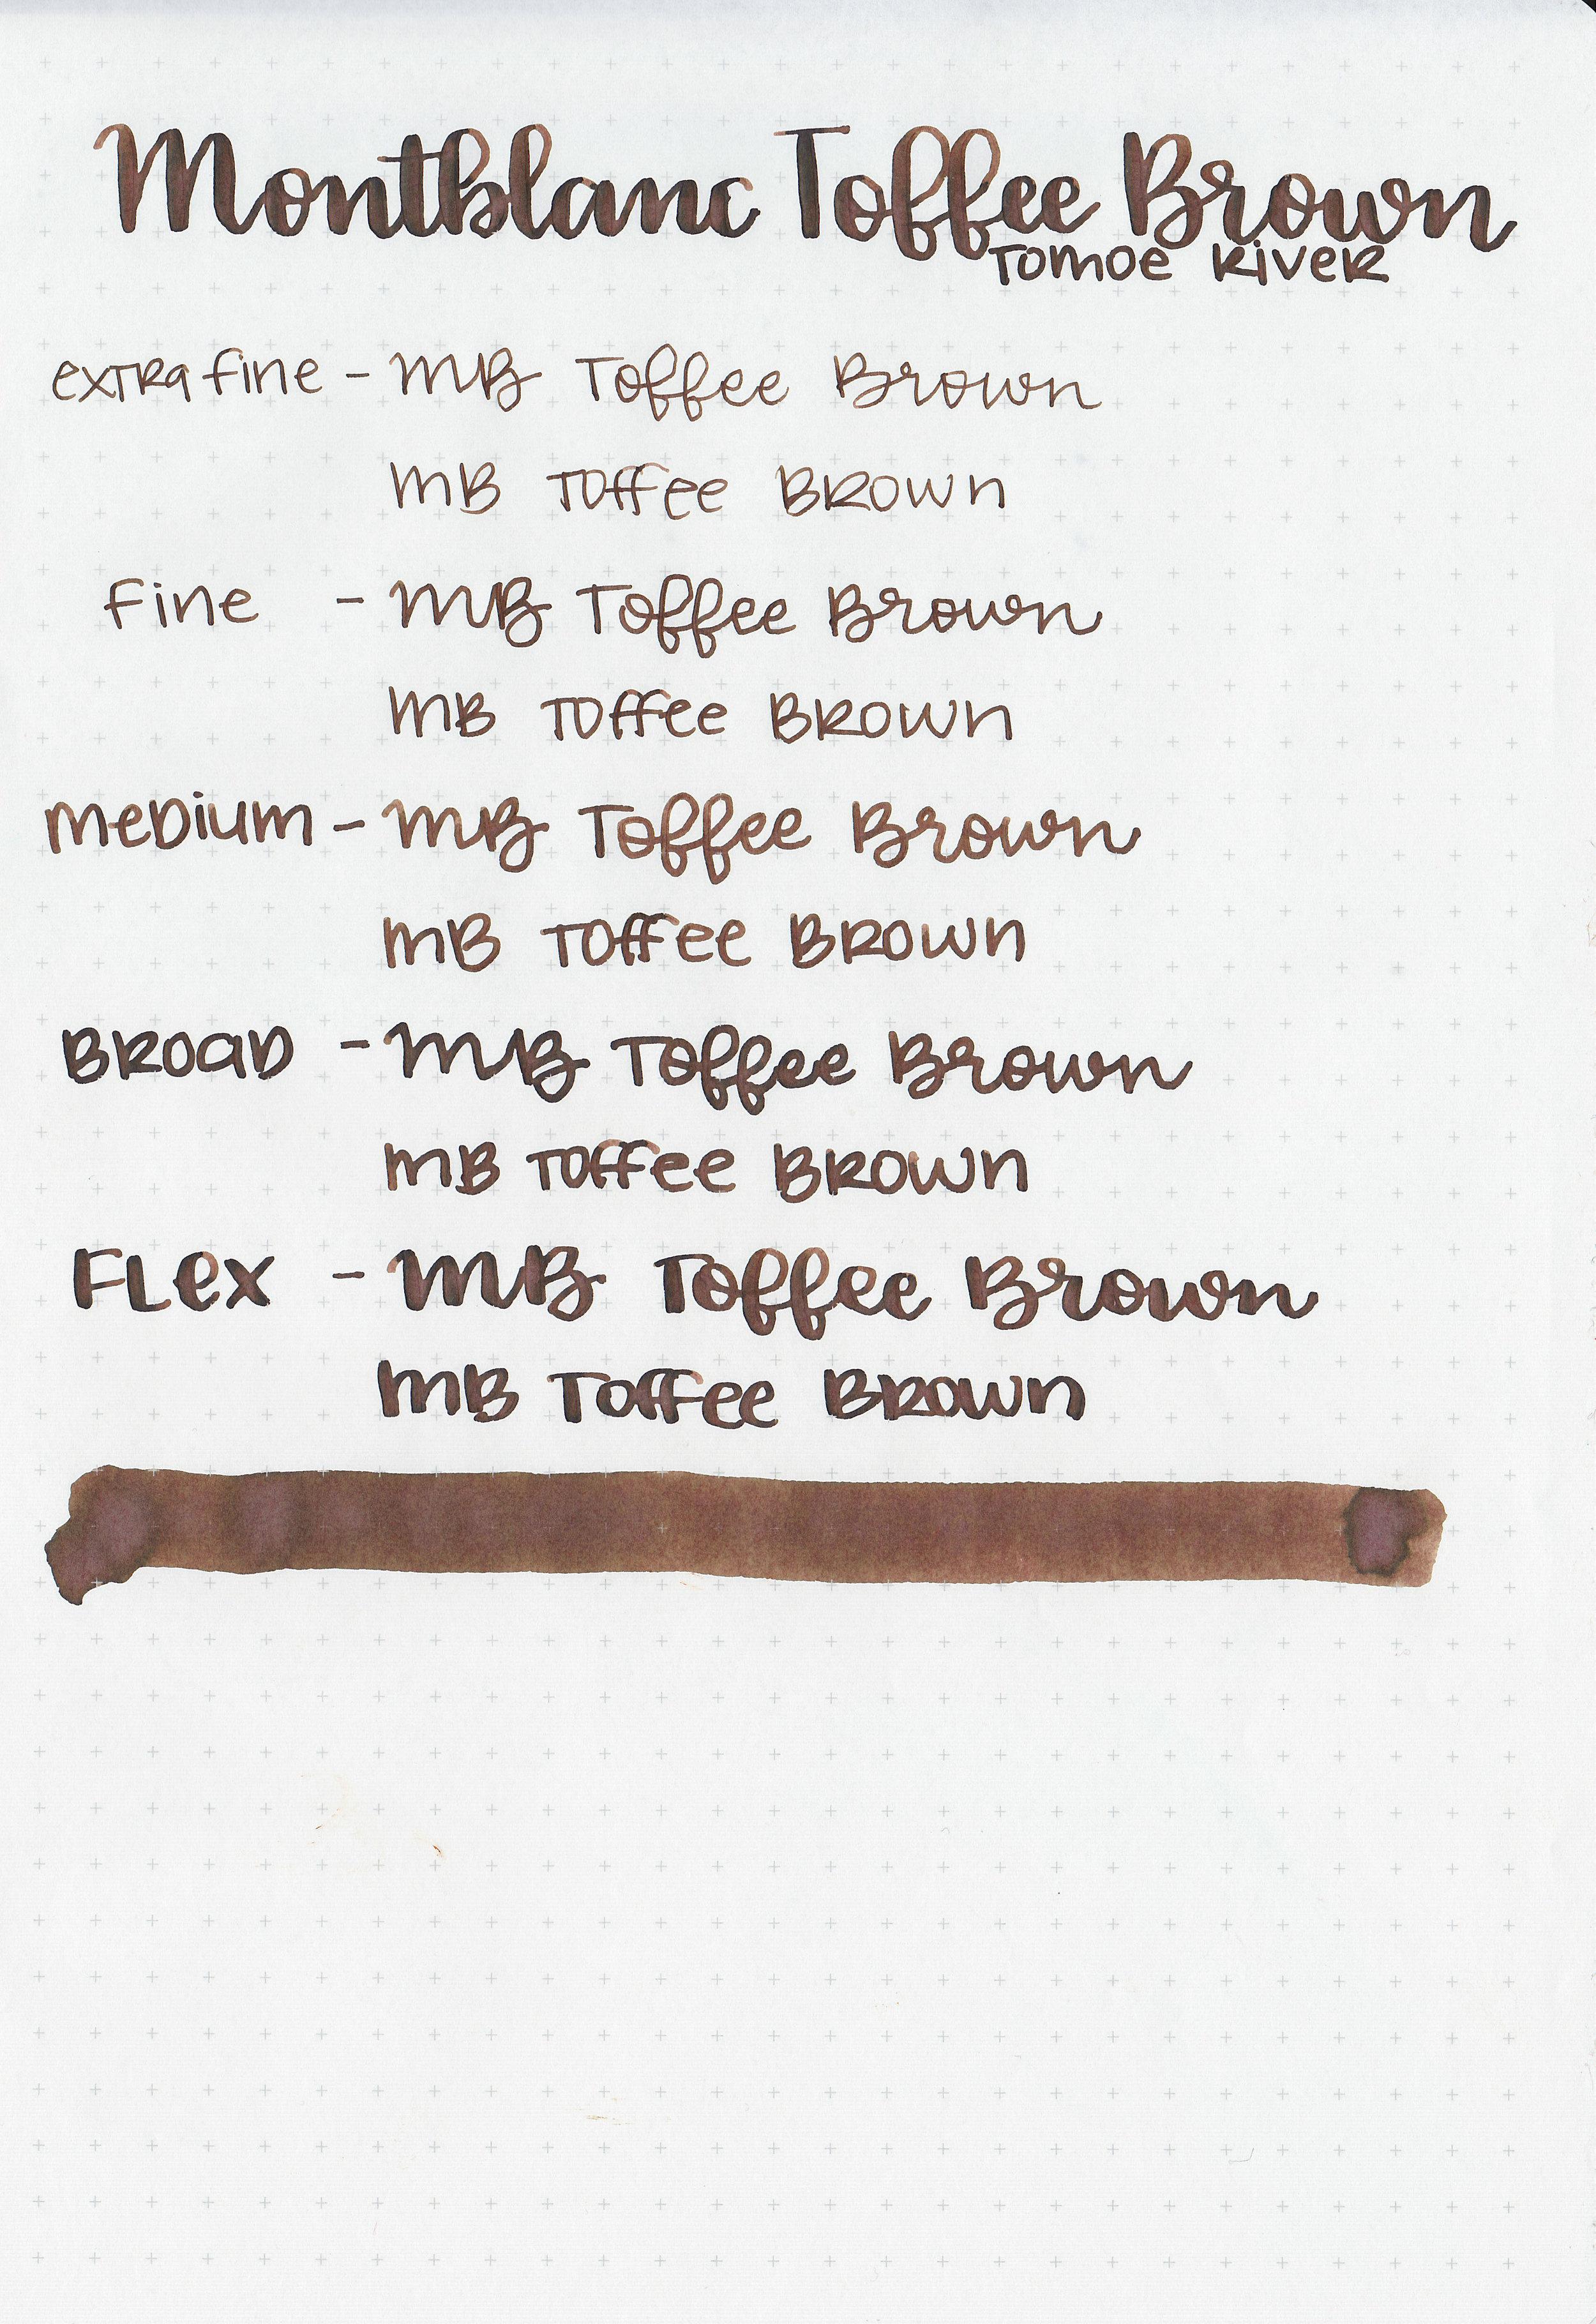 mb-toffee-brown-8.jpg